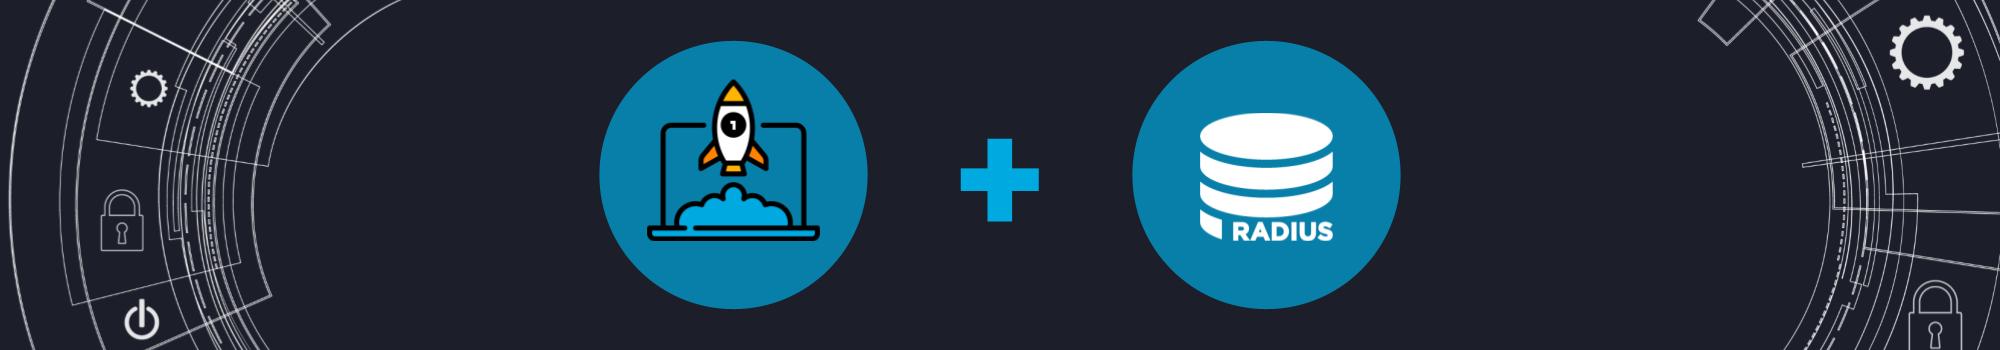 Configuring OneLogin's RADIUS